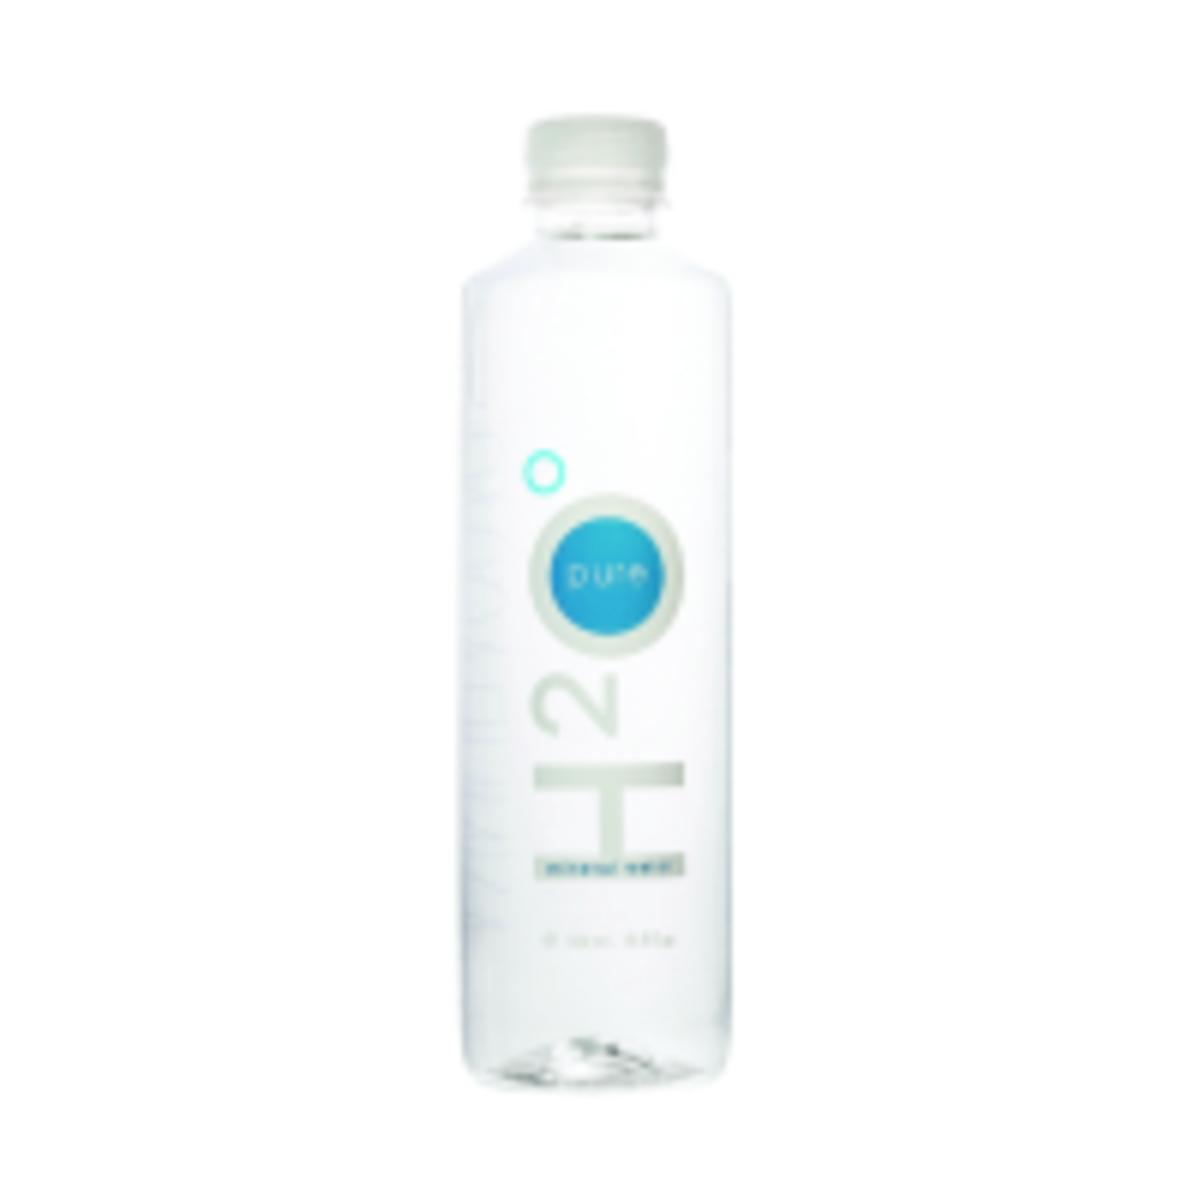 Pure H2O натурална минерална вода 500мл